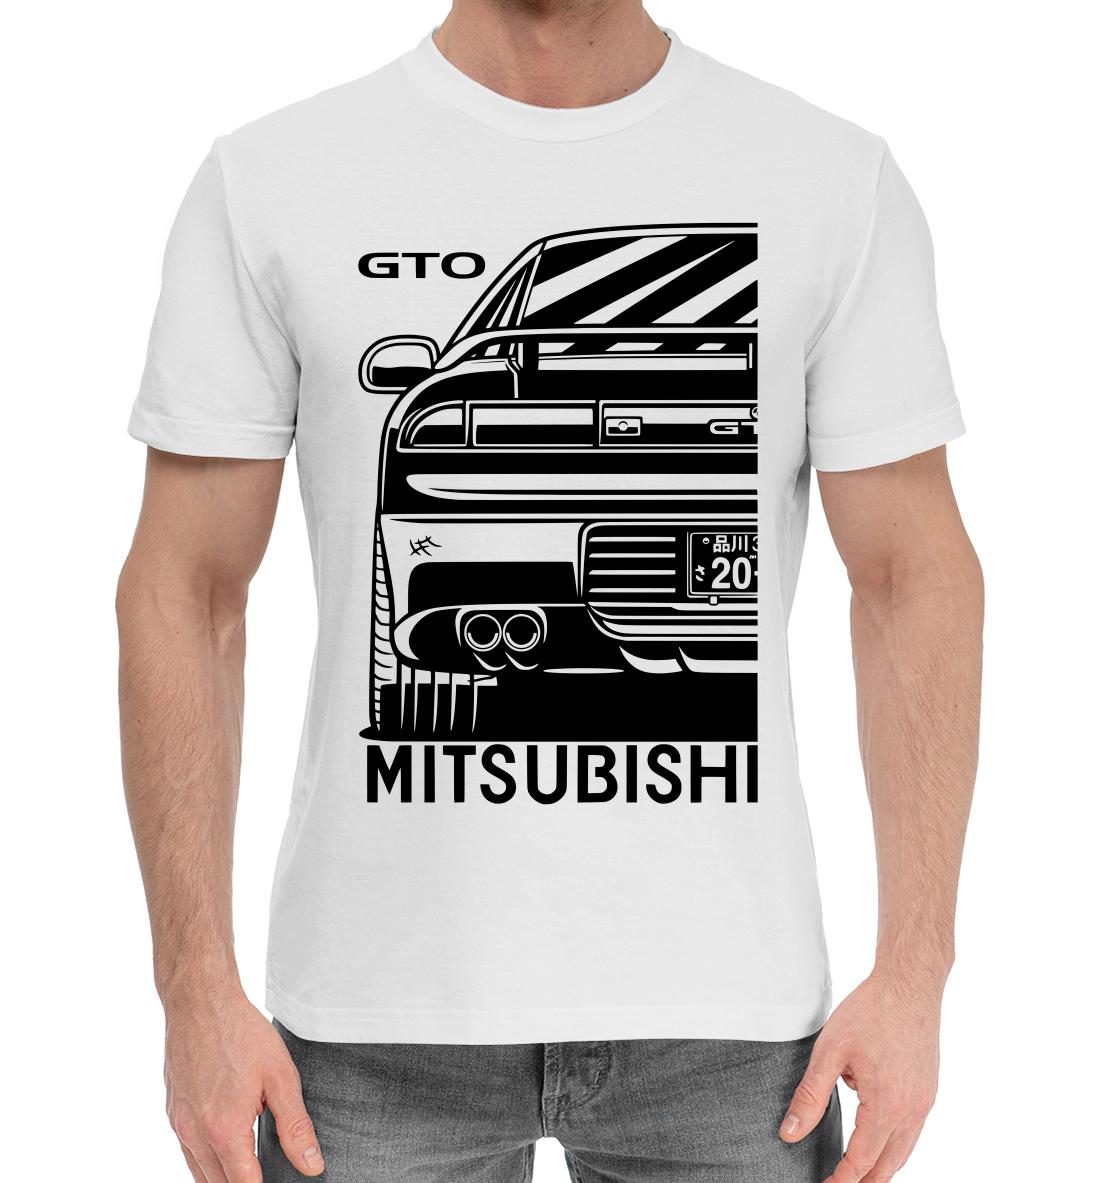 Mitsubishi GTO 3000GT